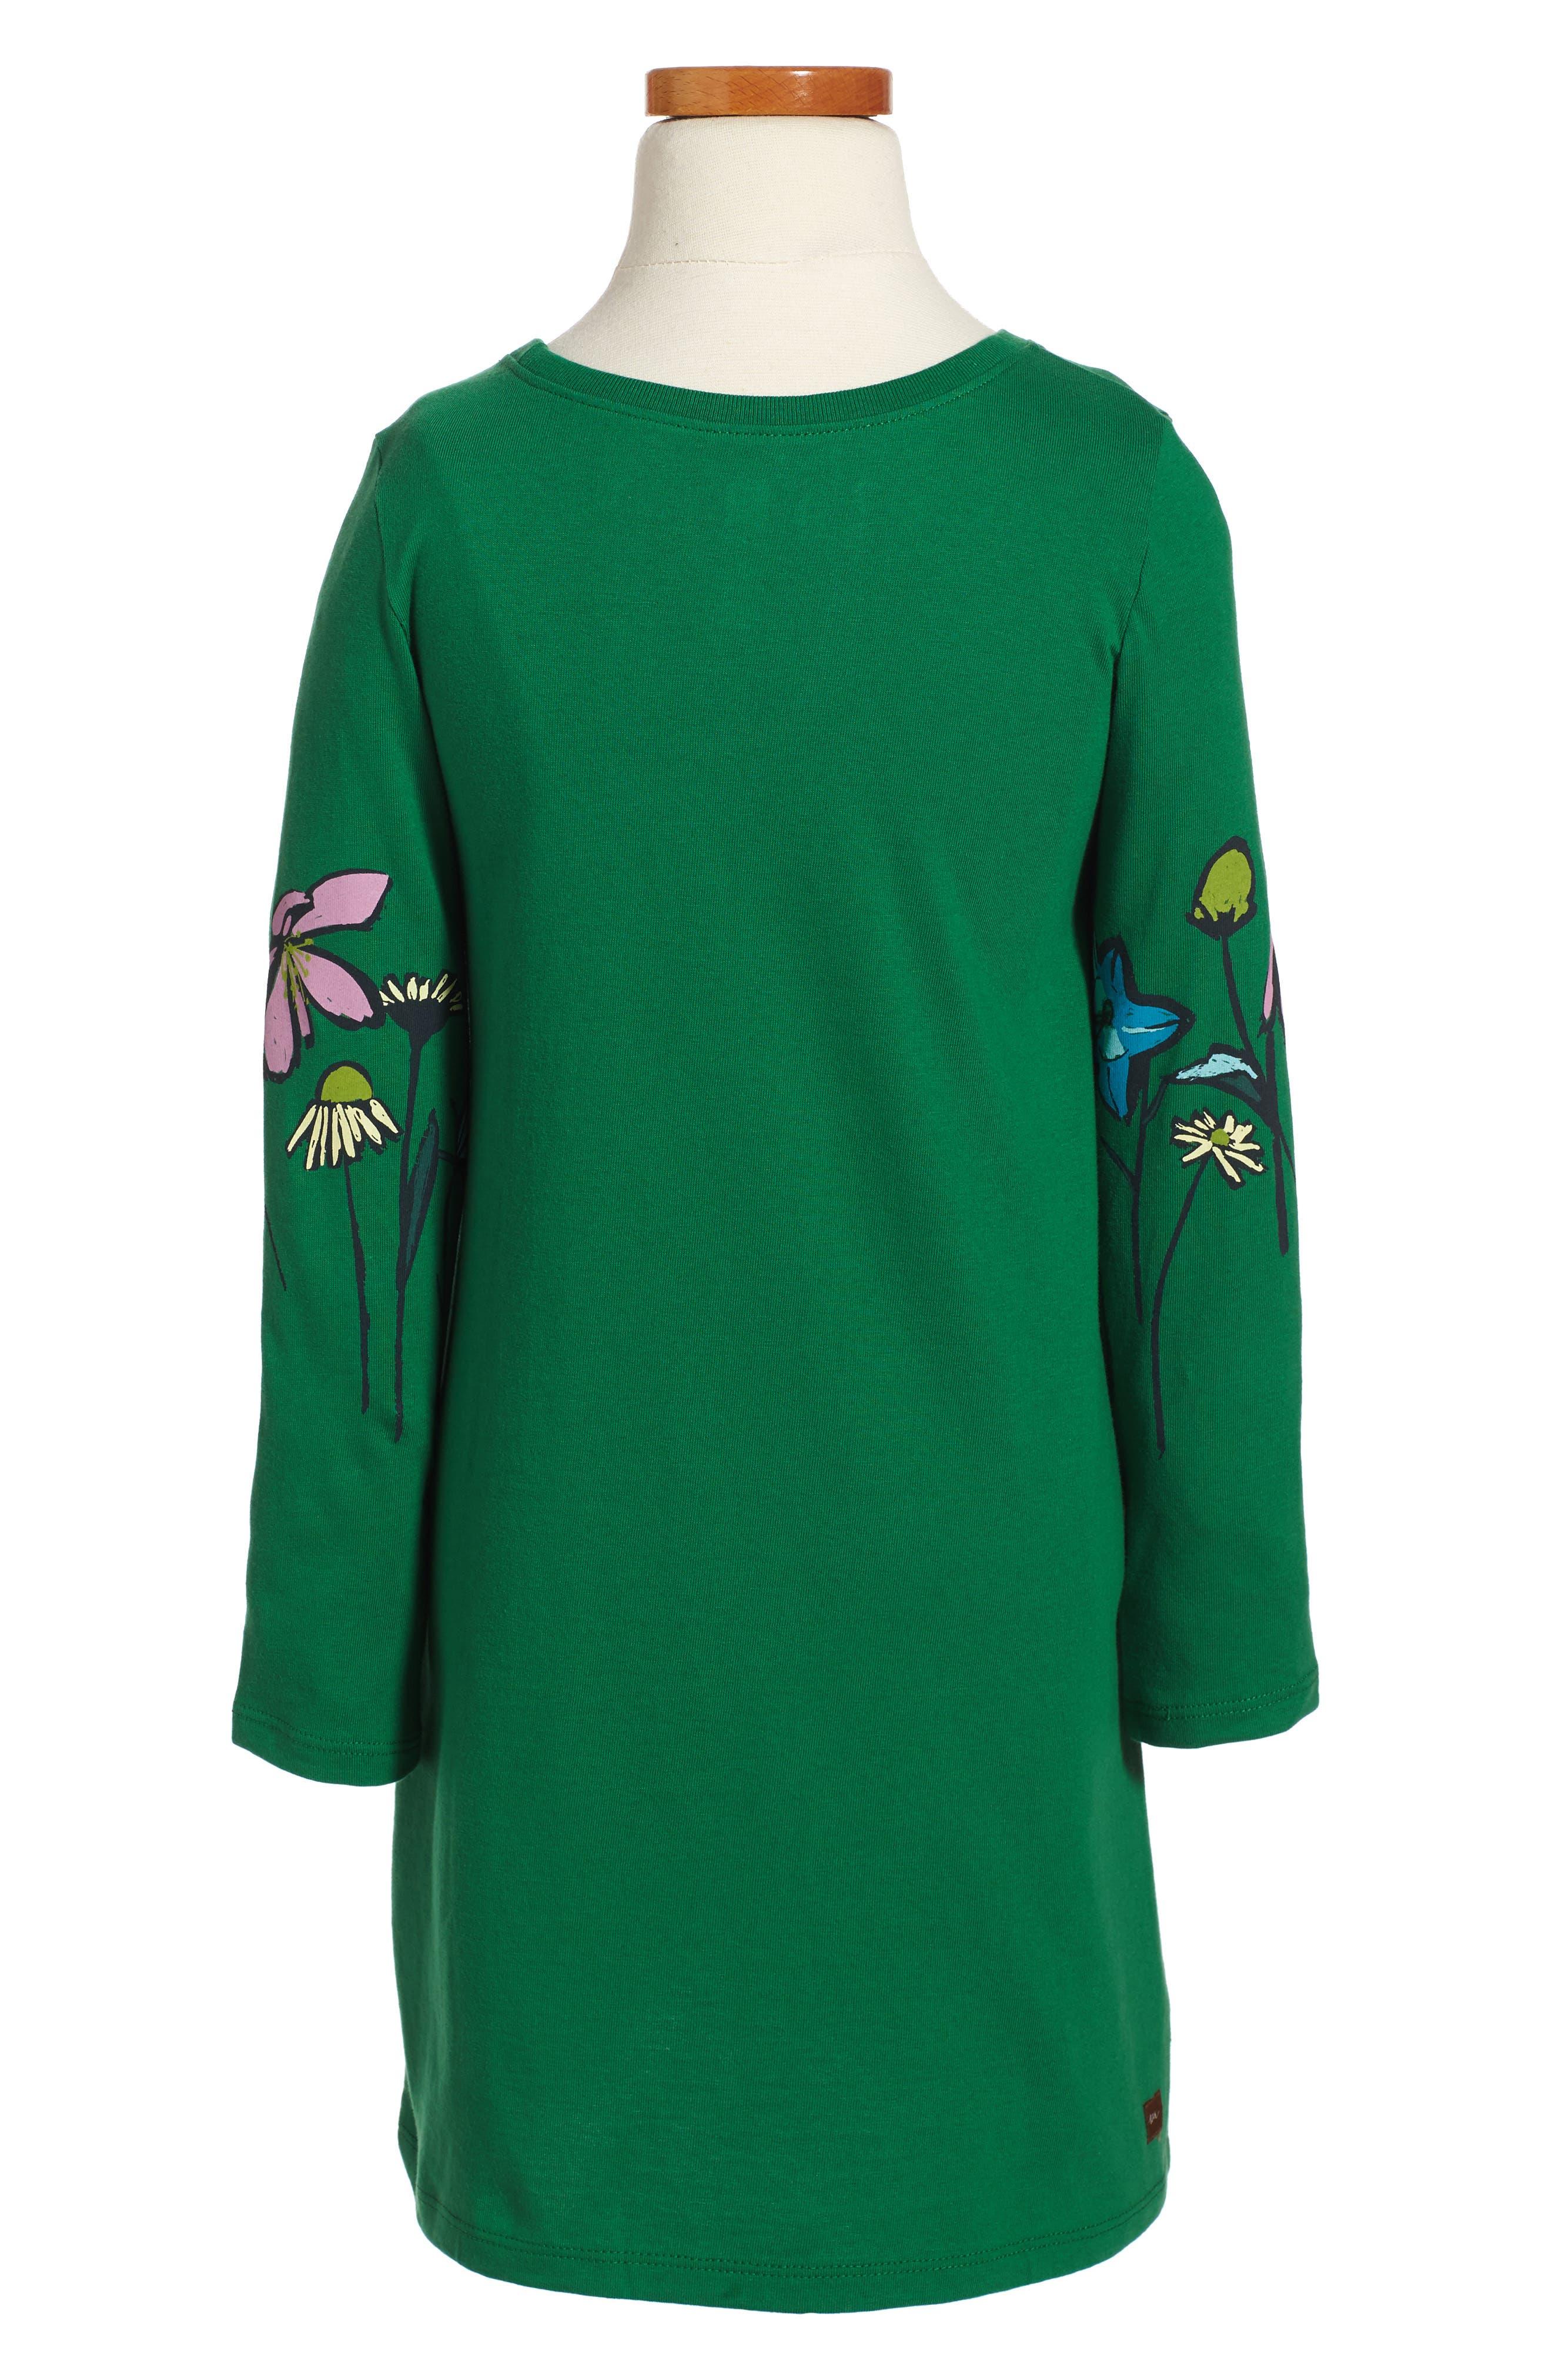 Alternate Image 2  - Tea Collection Faileas Dress (Toddler Girls, Little Girls & Big Girls)